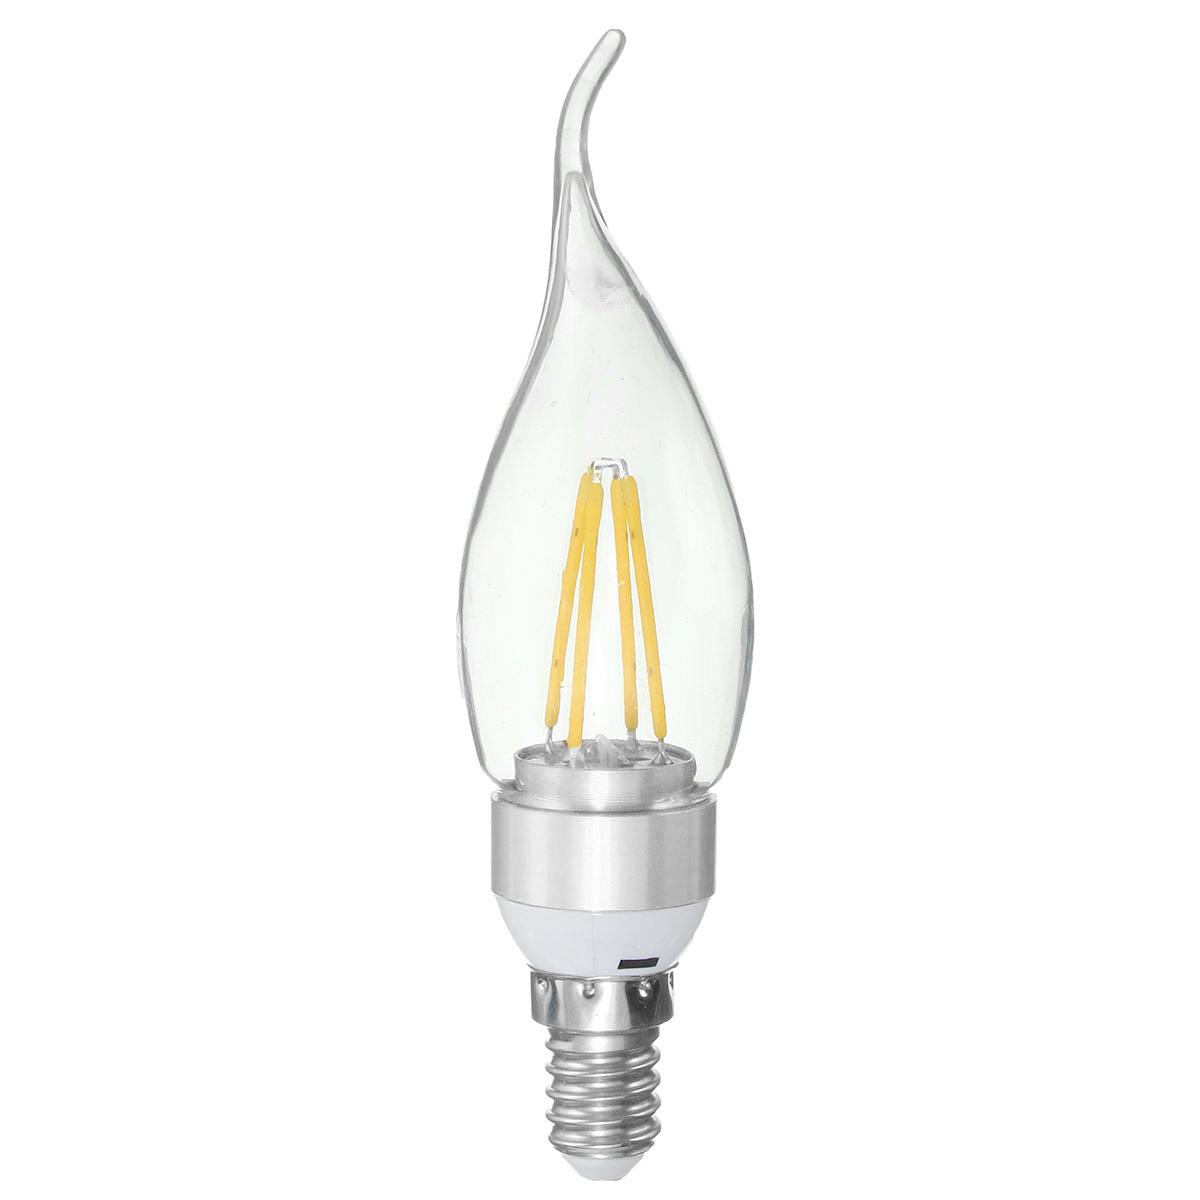 E27 E14 E12 B22 B15 3 5w 4leds Pull Tail Edison Pure White Warm White Light Lamp Bulb Ac220v